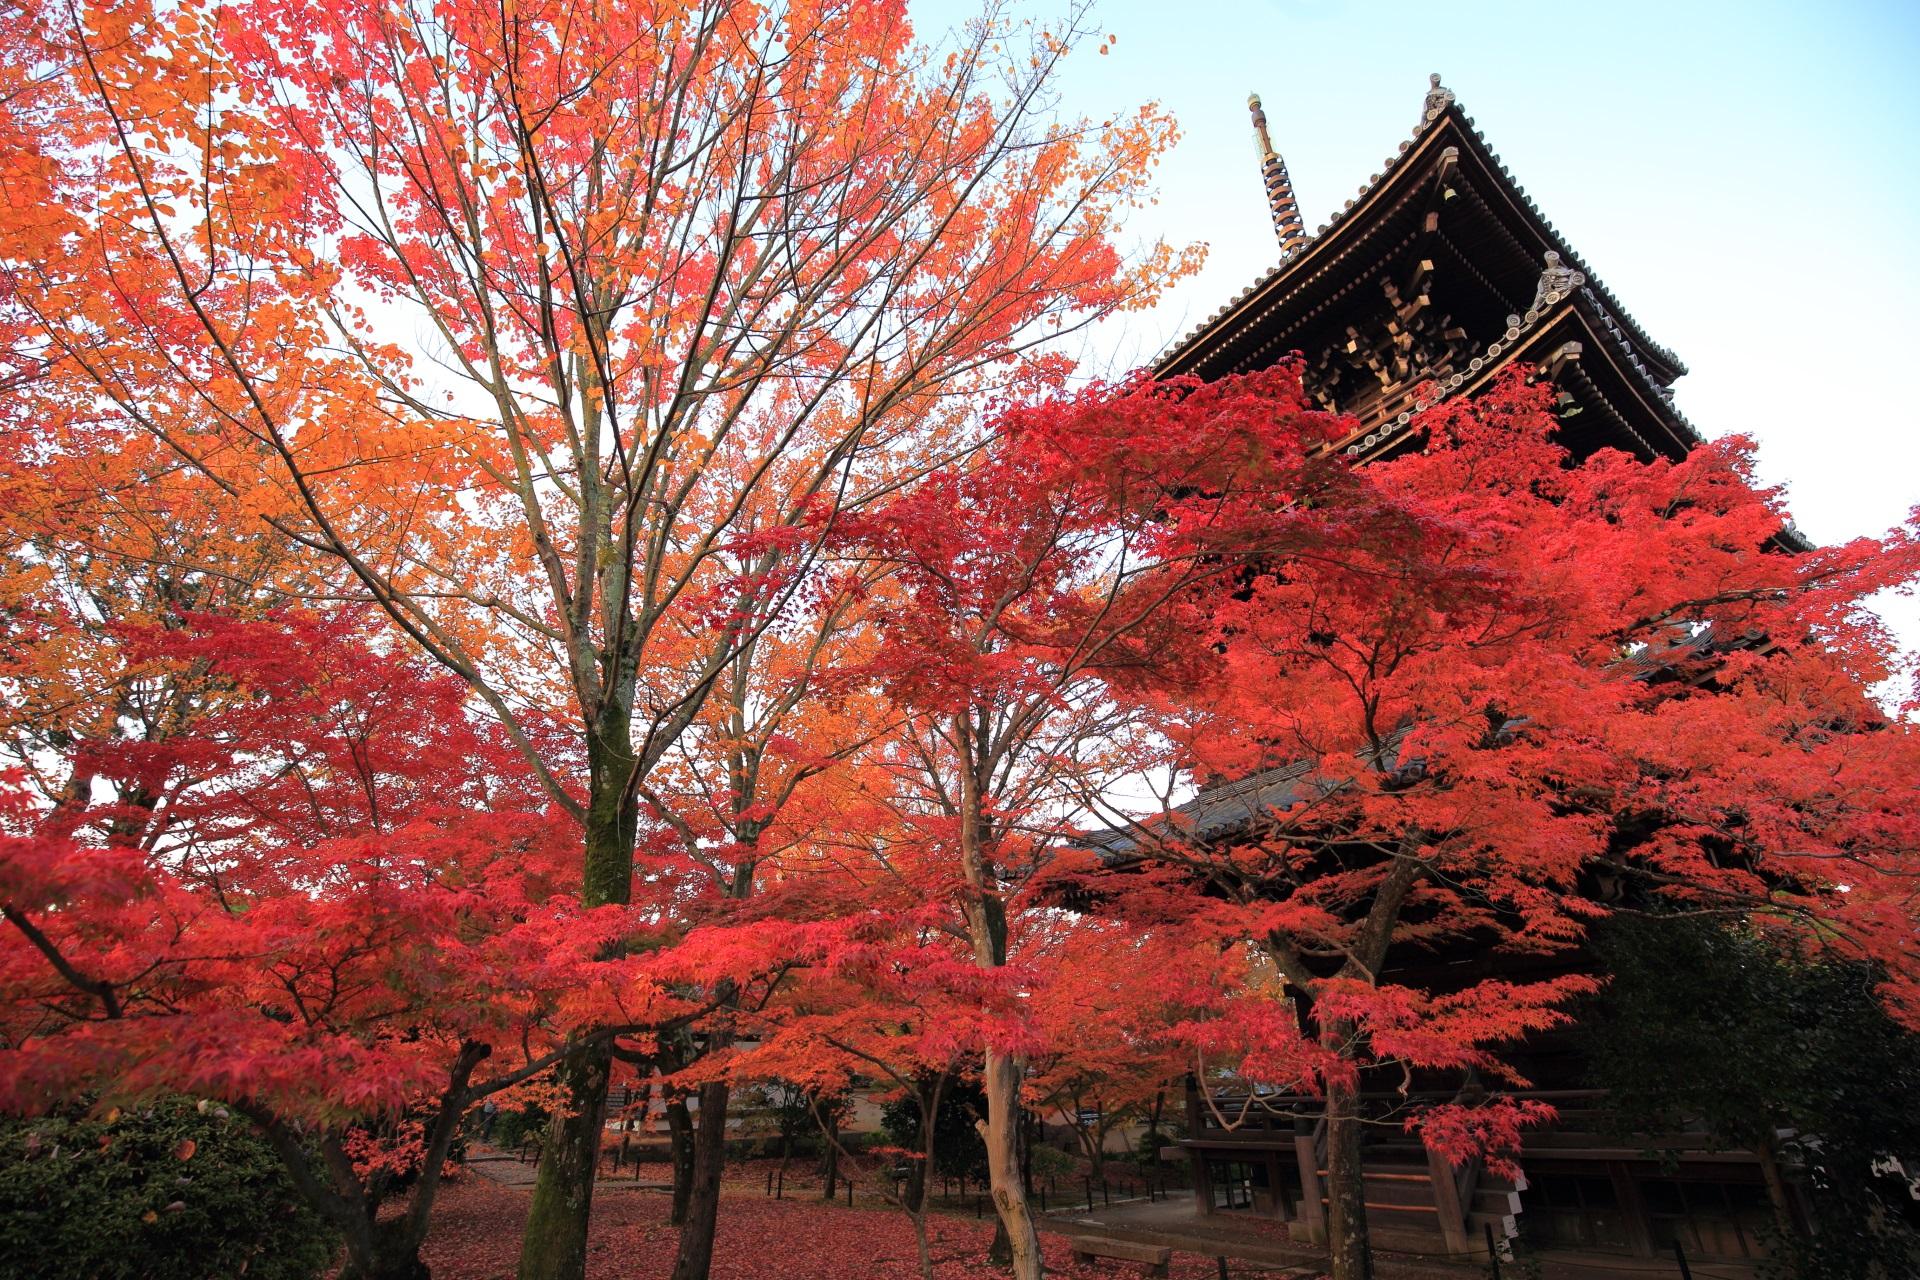 三重塔をはじめとする伽藍を秋色に染める溢れる紅葉